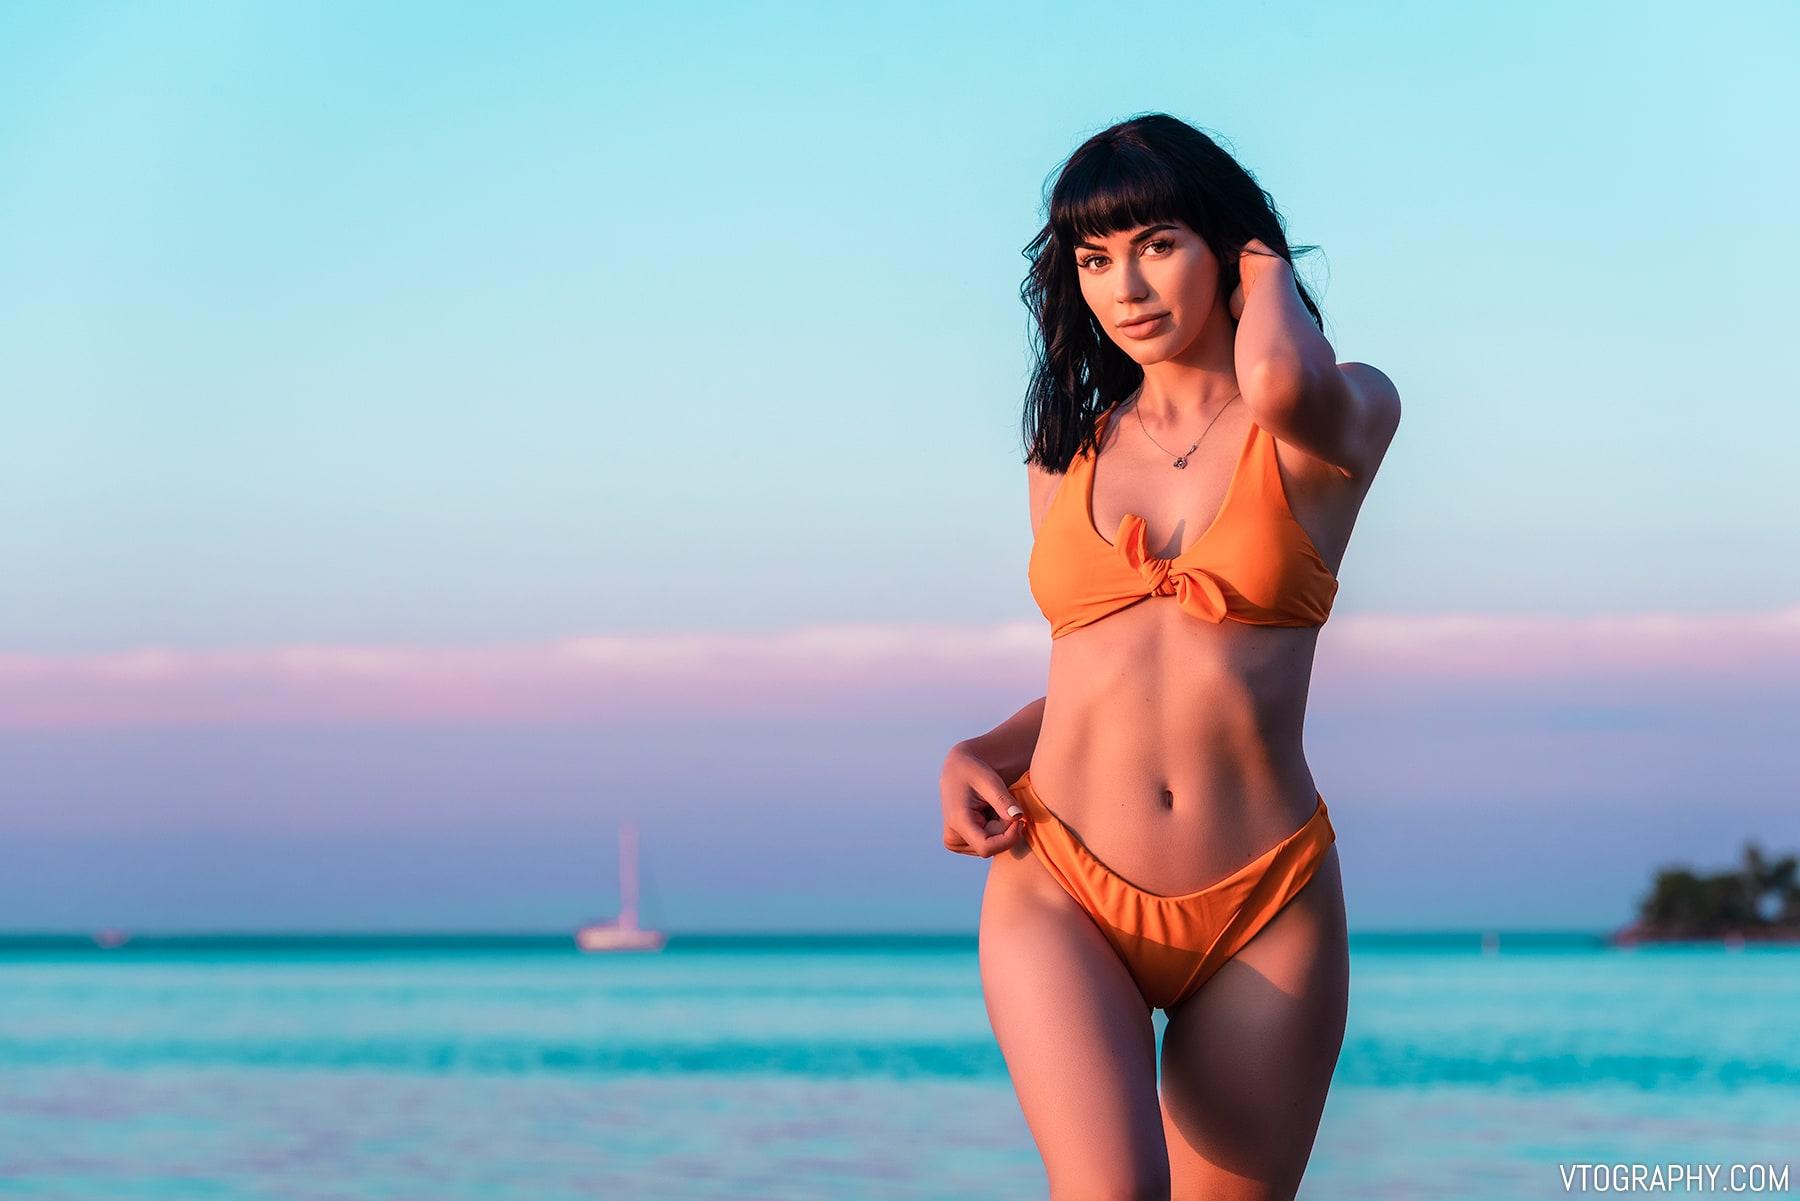 Orange Zaful bikini photo shoot